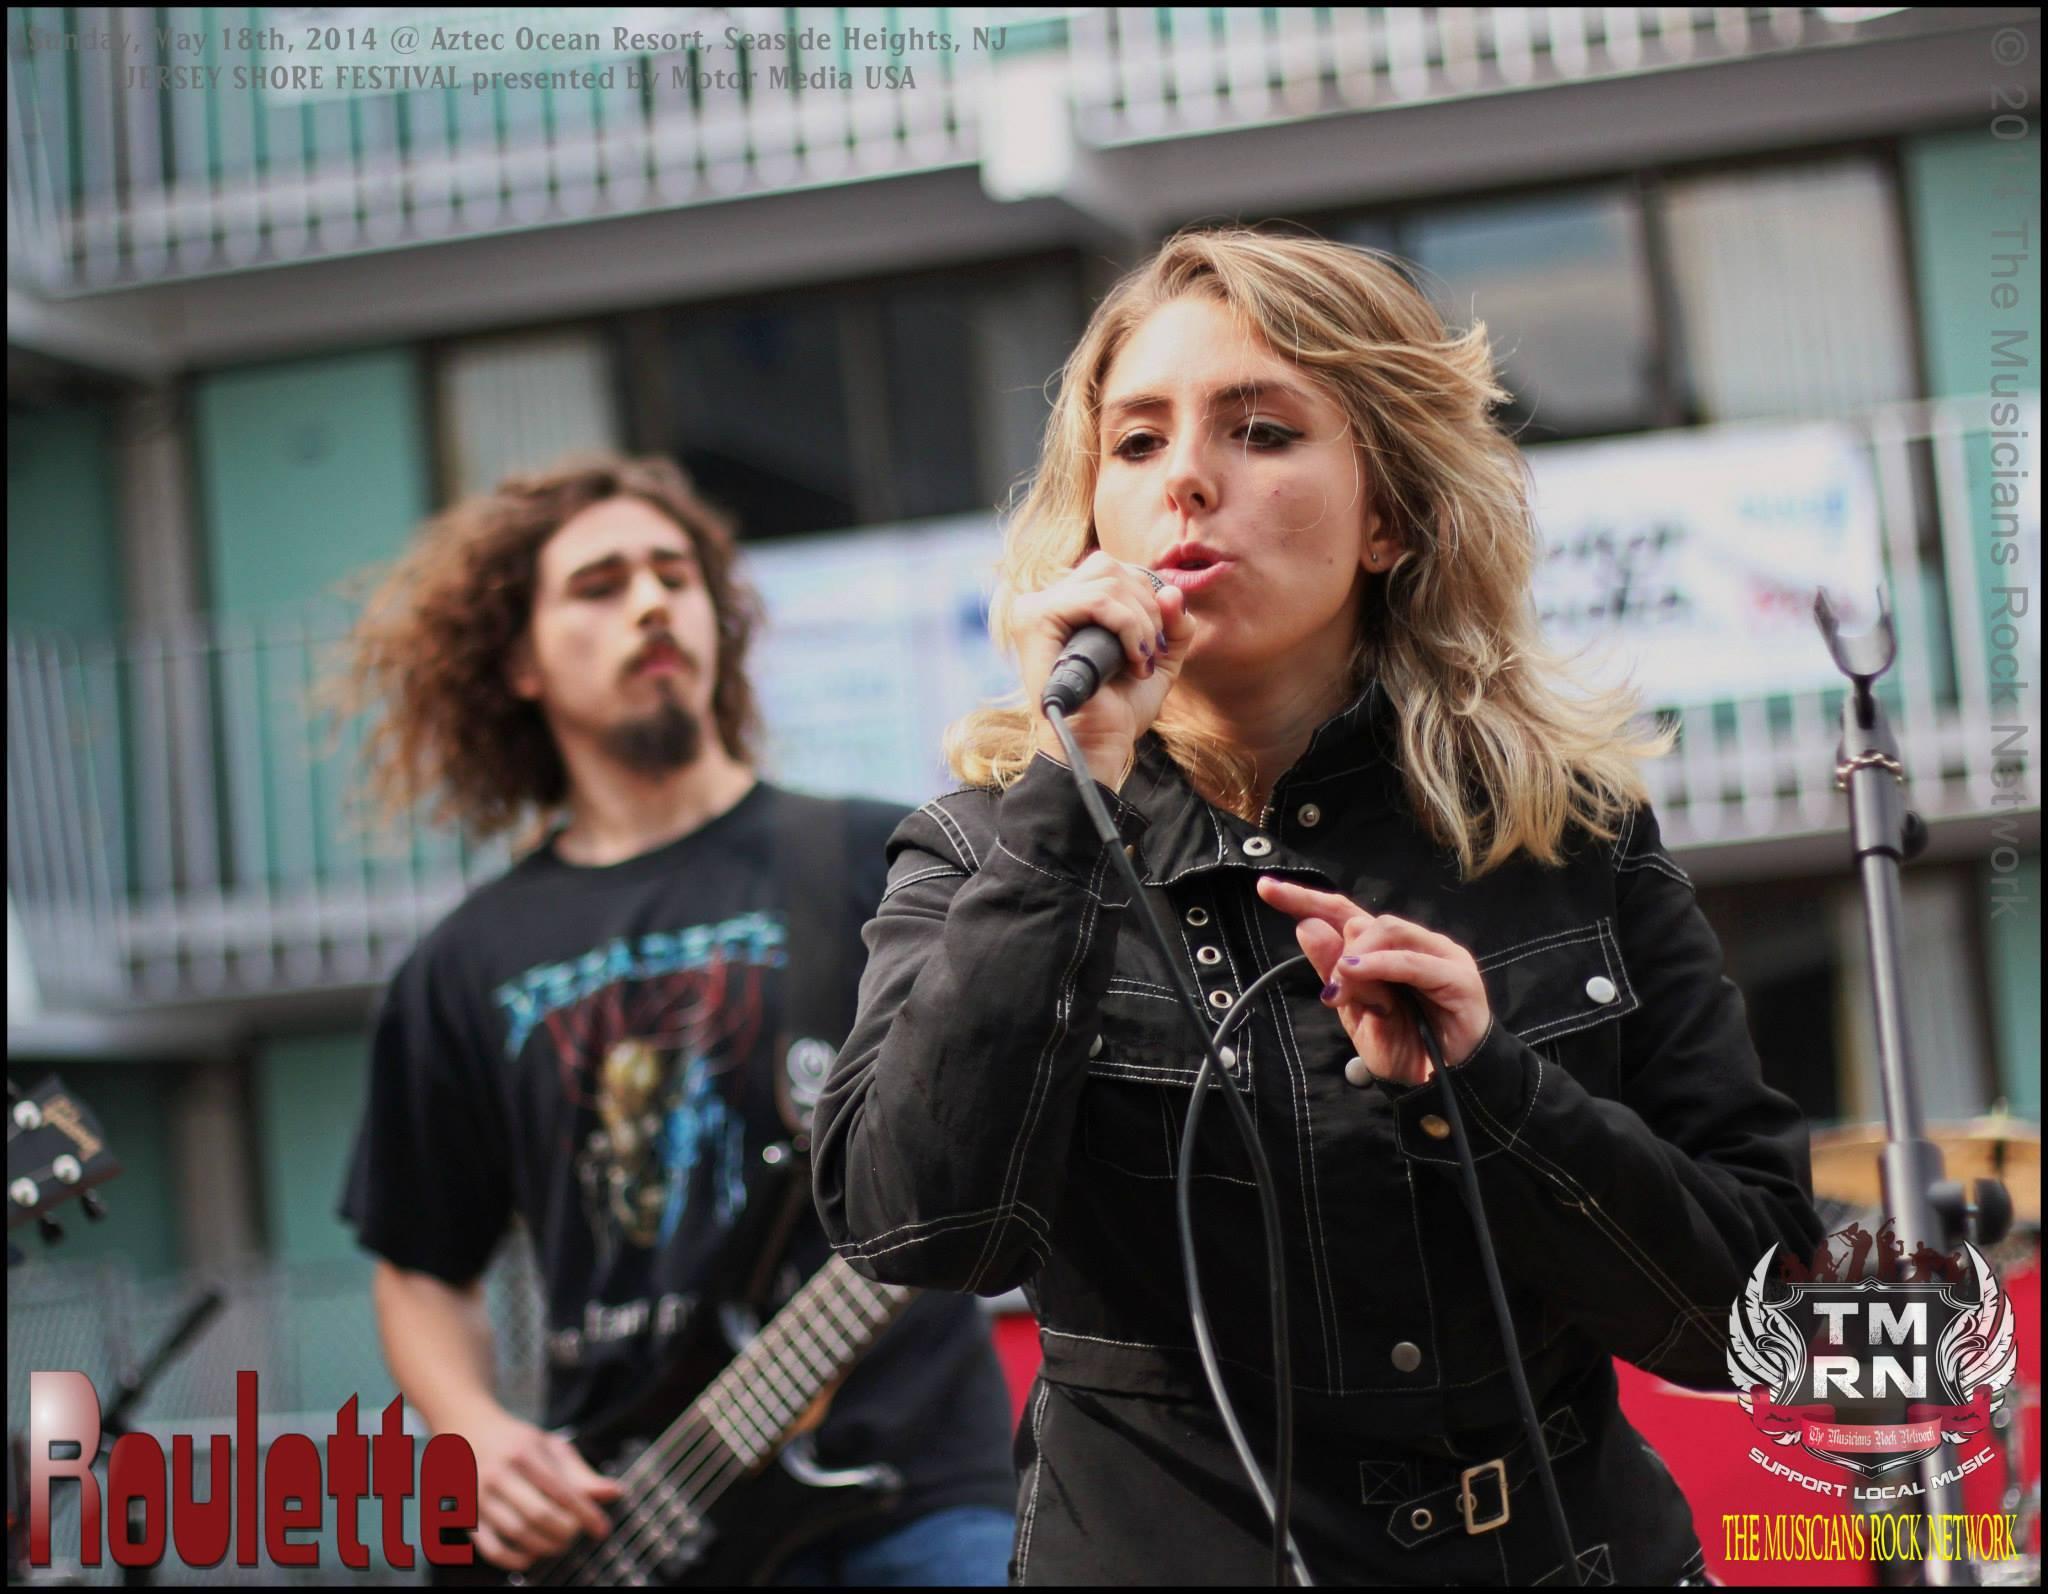 Jess+Anthony-Jersey Shore Fest 2014